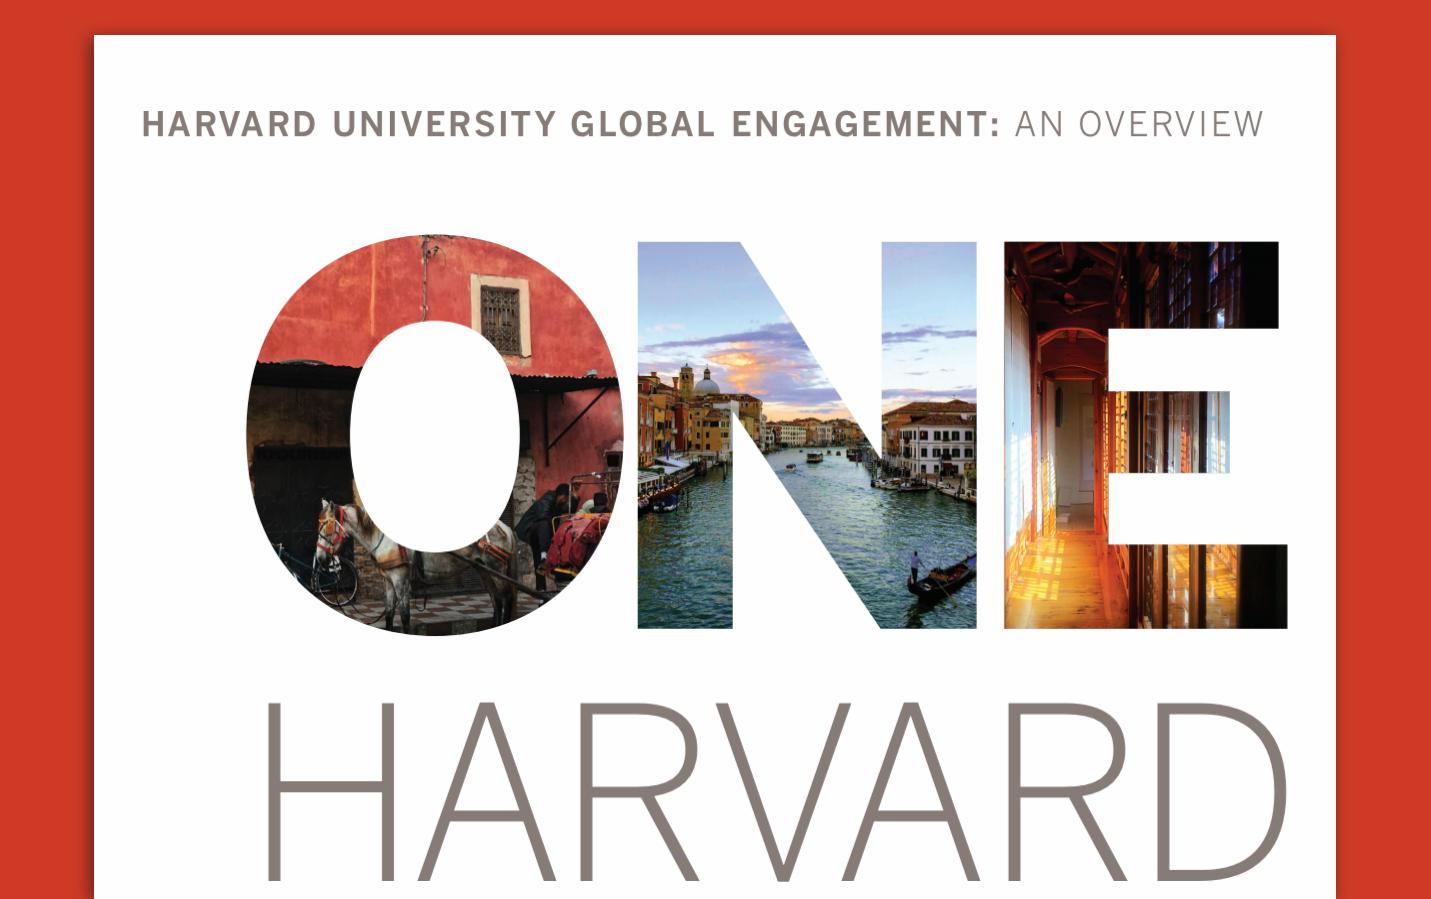 Harvard Global Engagement